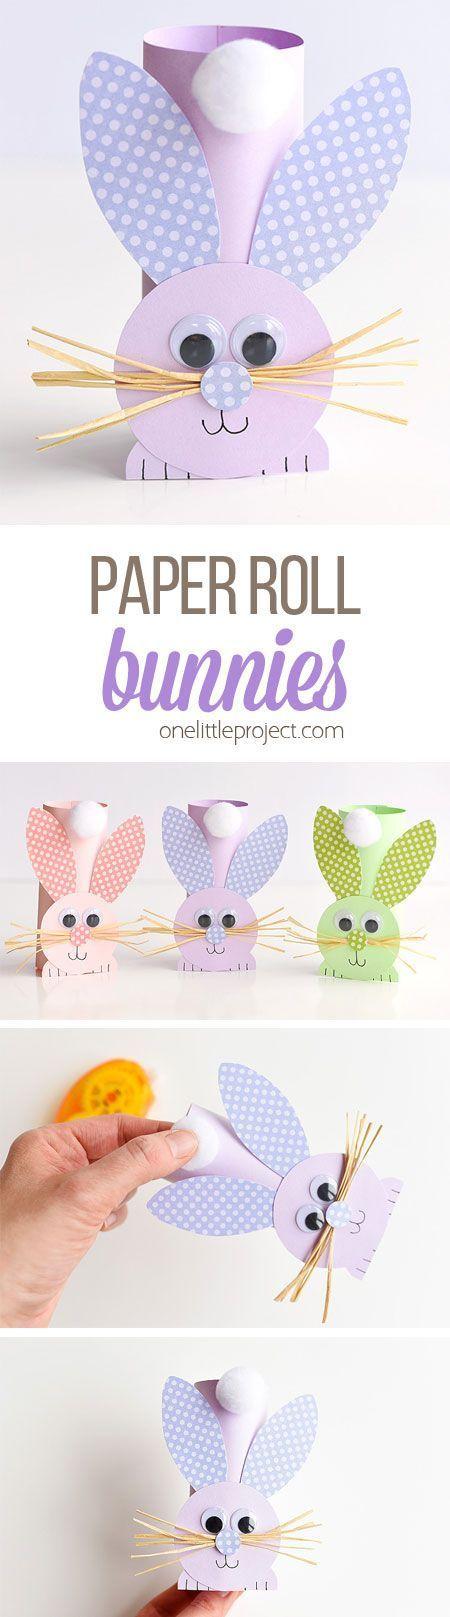 Diese Papierhasen sind SO CUTE und wirklich einfach zu machen! Sie können